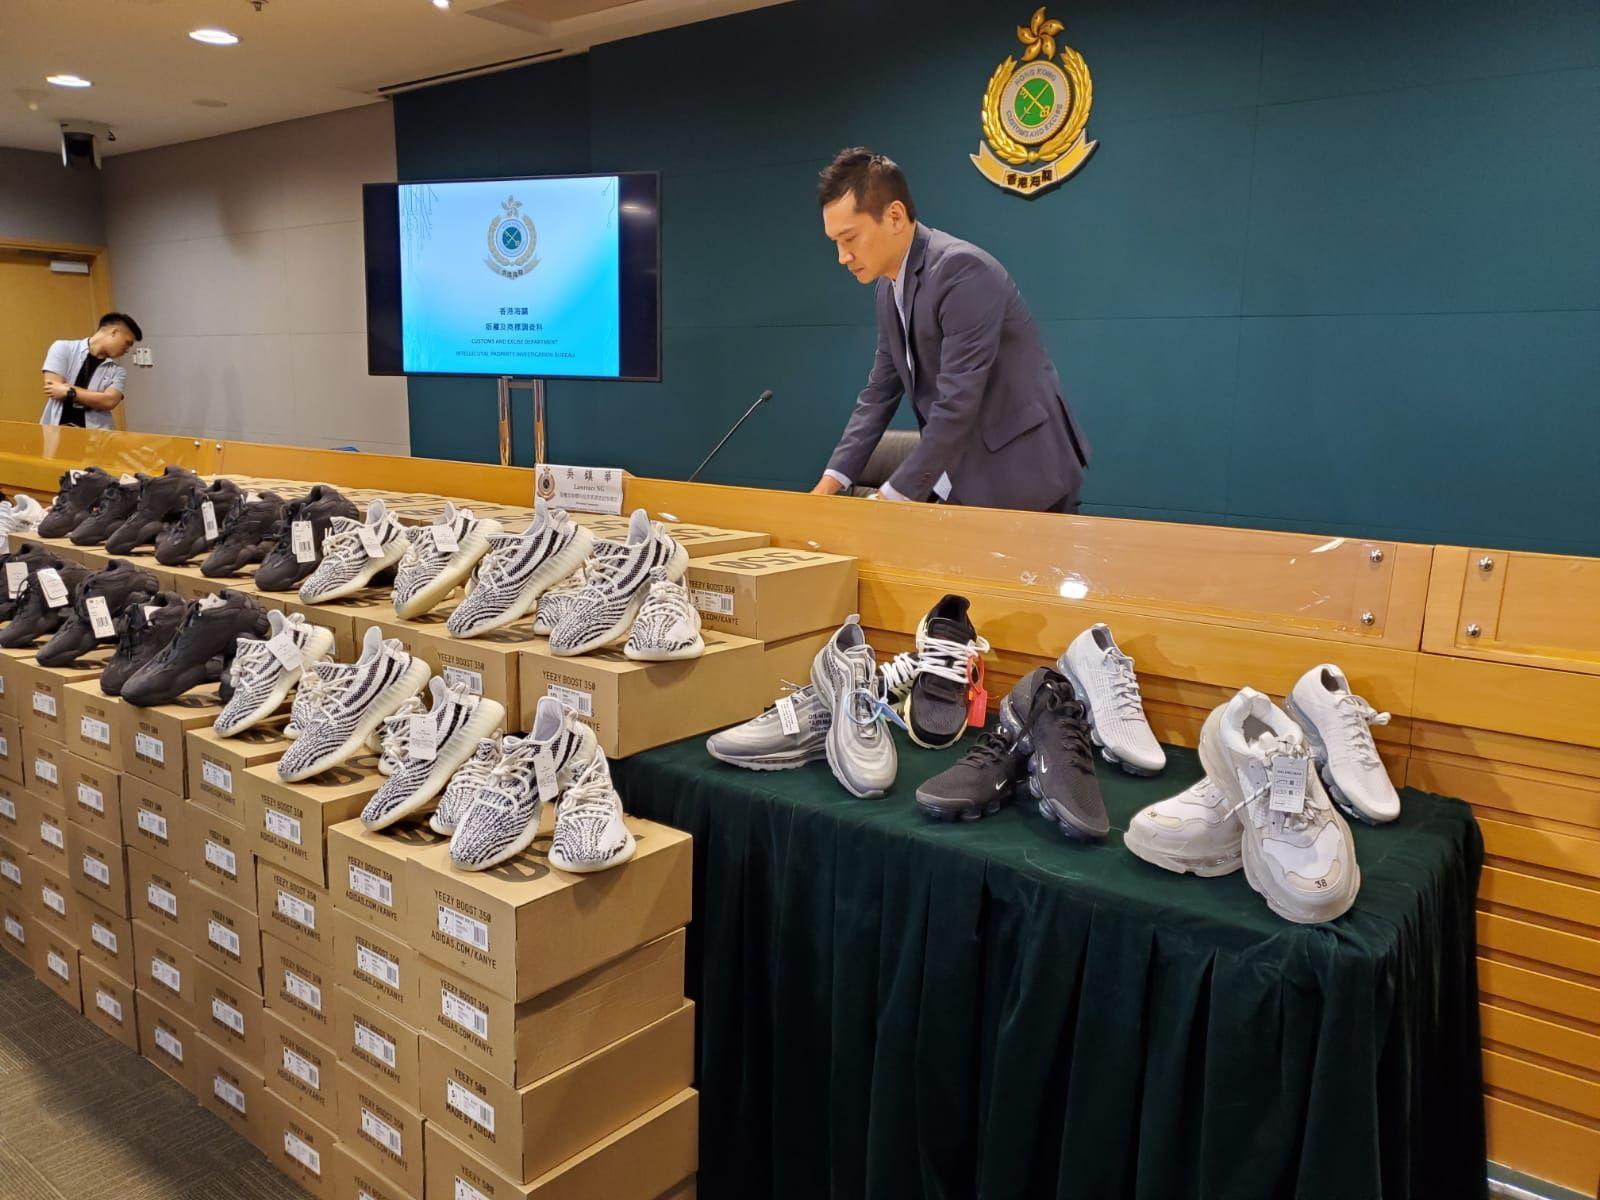 海關共檢獲156對懷疑冒牌波鞋,估計市值約40萬元。